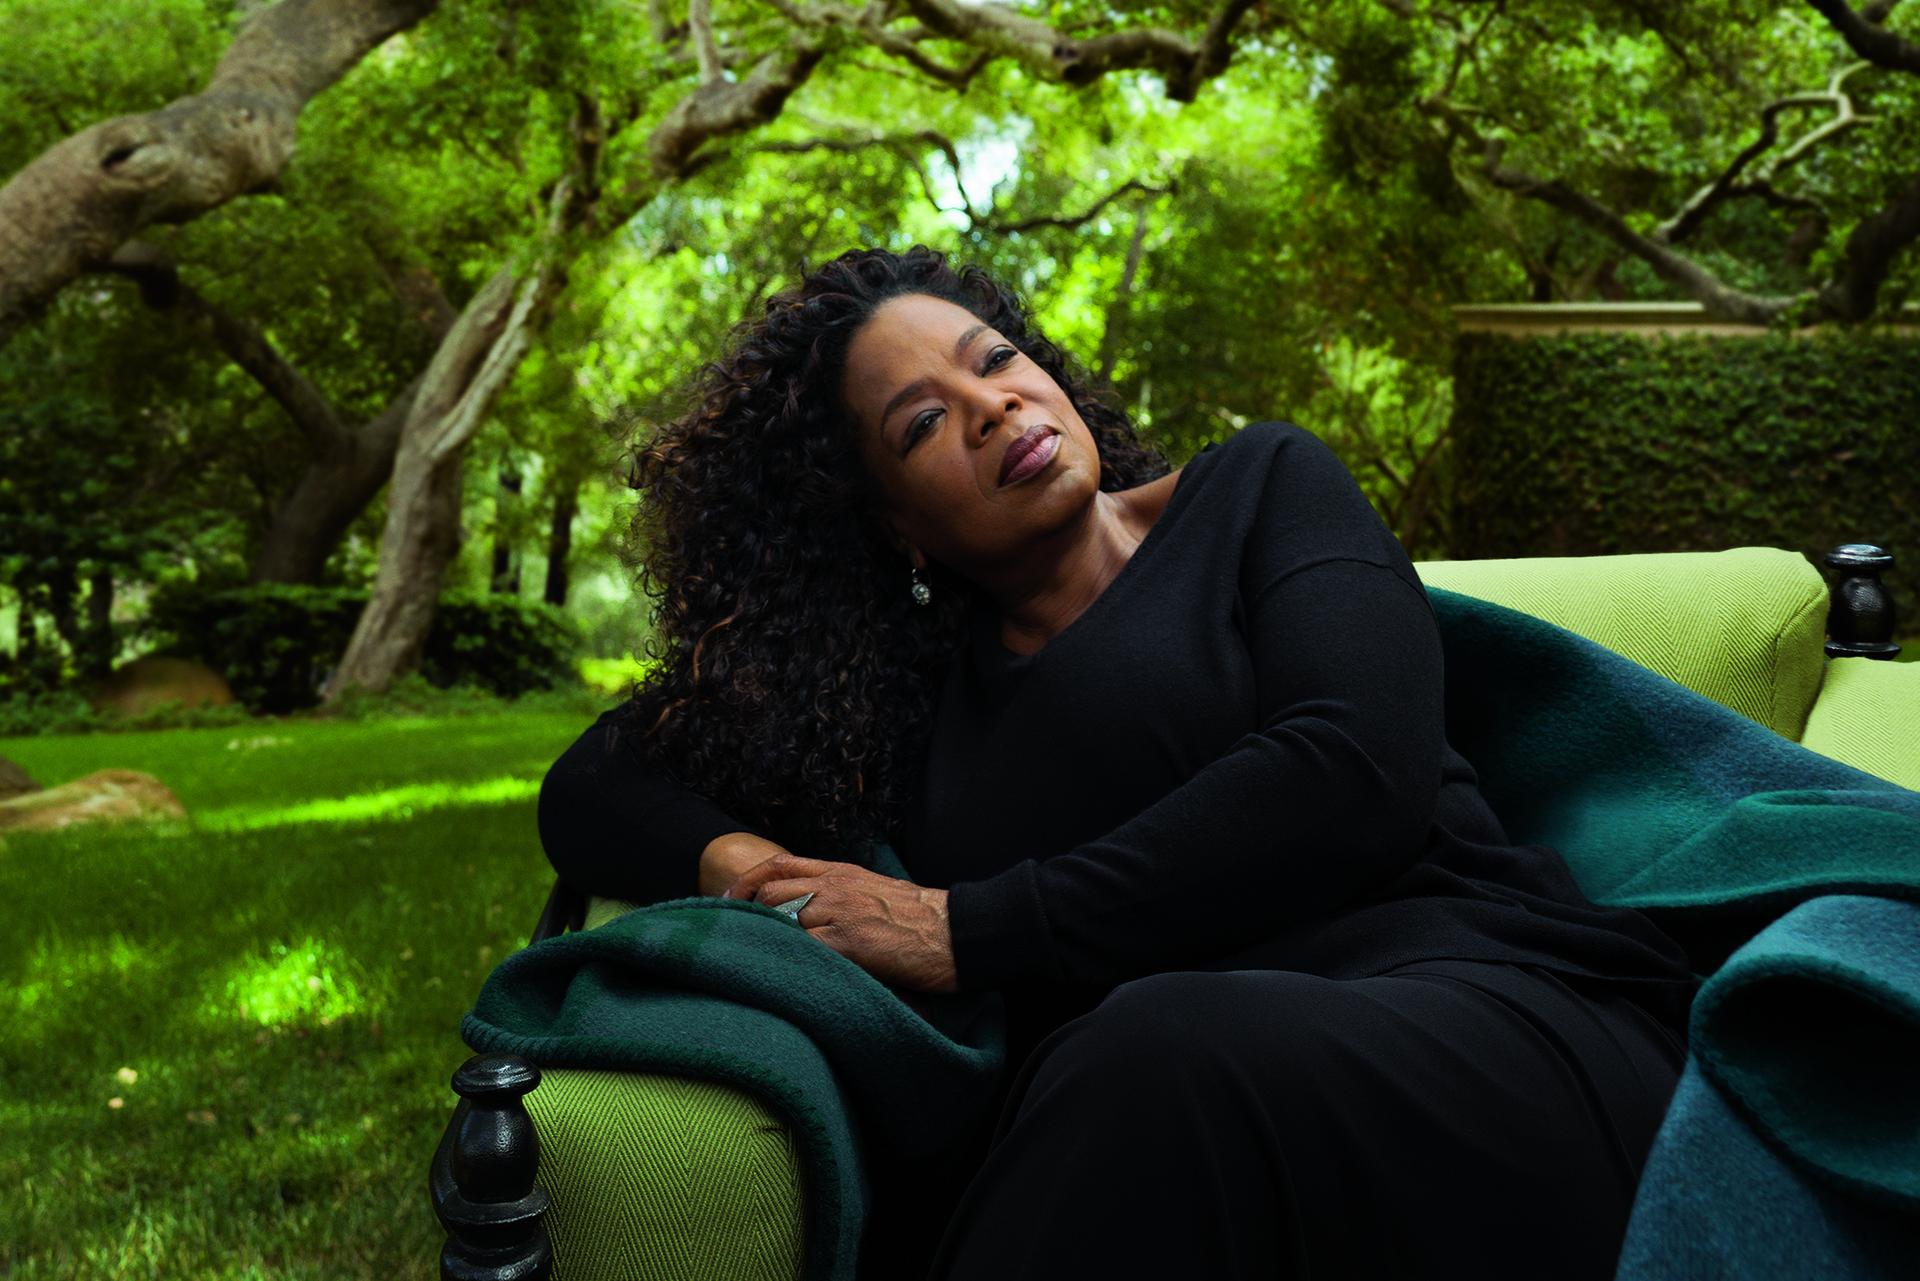 Hành trình trở thành tỷ phú của 'nữ hoàng truyền hình' Oprah Winfrey